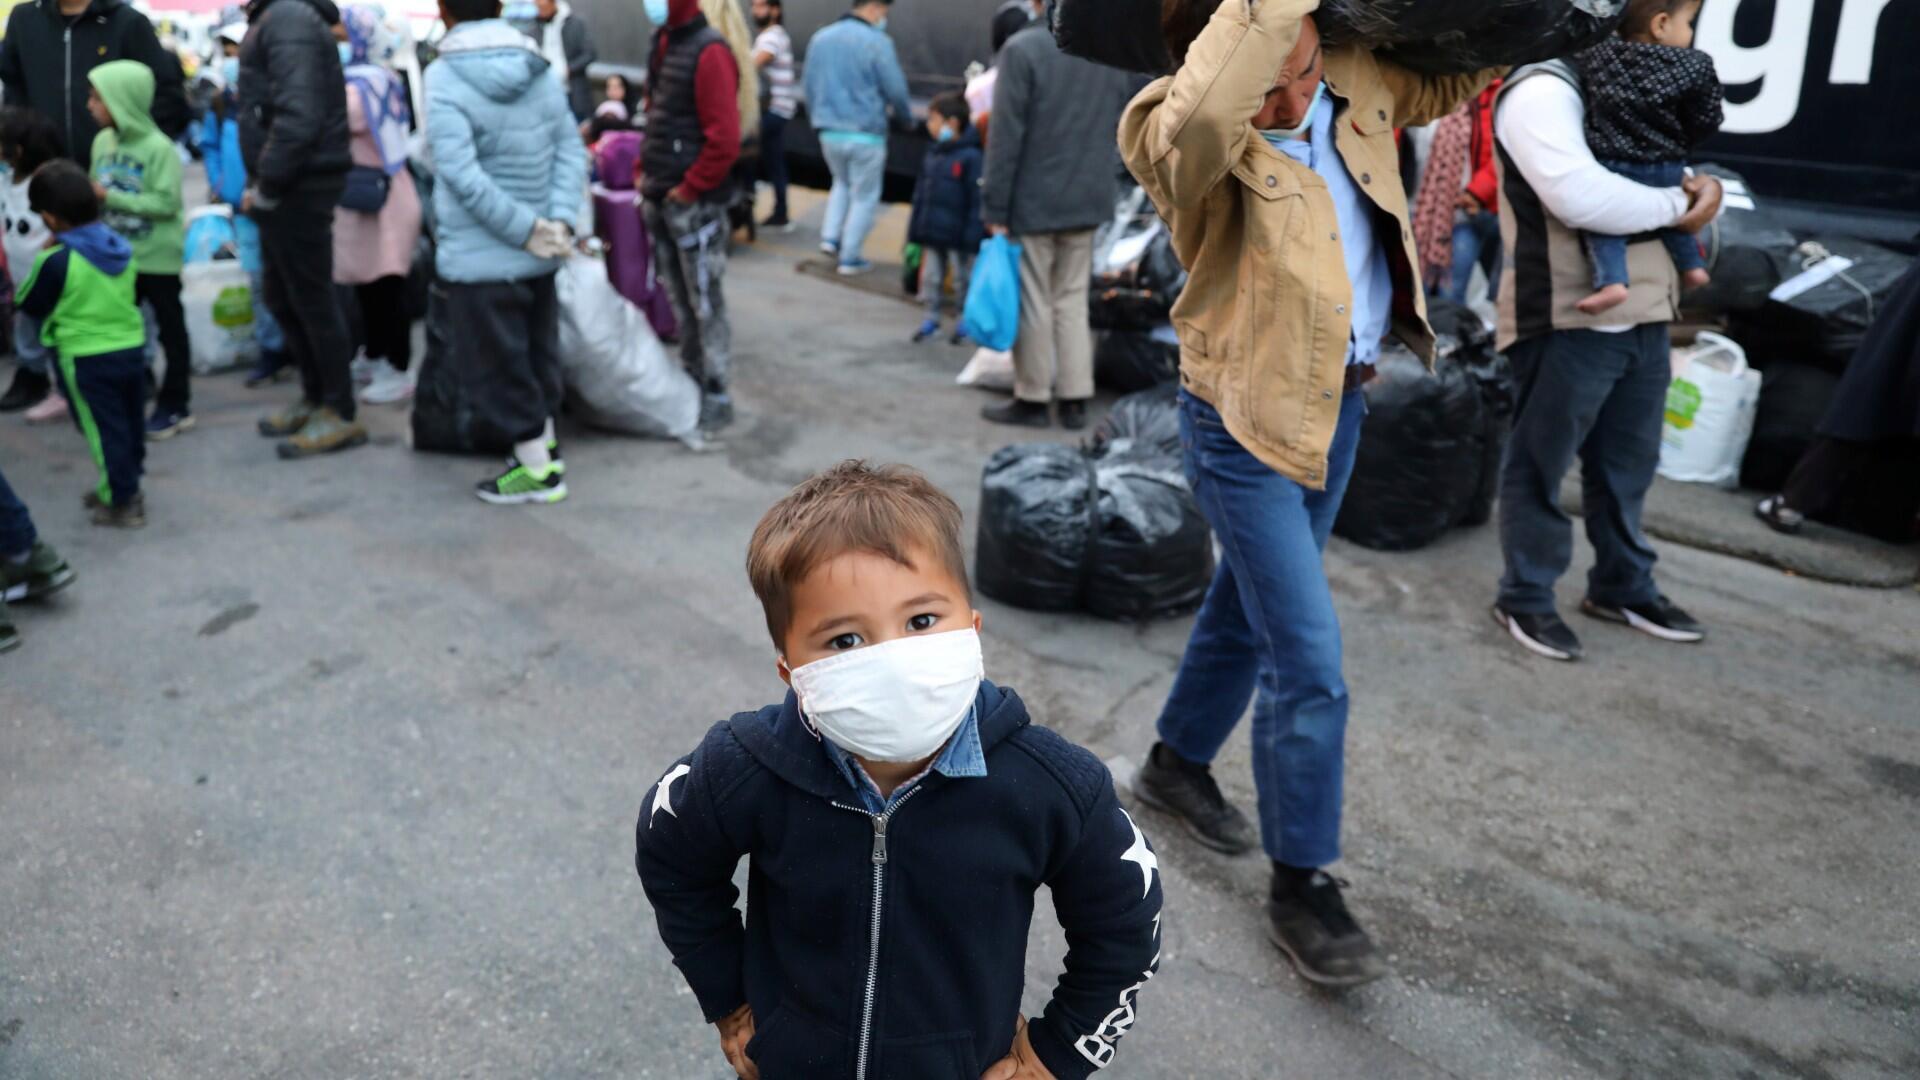 Un niño migrante del campamento de Moria en Lesbos espera para abordar un autobús en el puerto del Pireo en Atenas luego del brote de la enfermedad del coronavirus (COVID-19), Grecia, 4 de mayo de 2020.